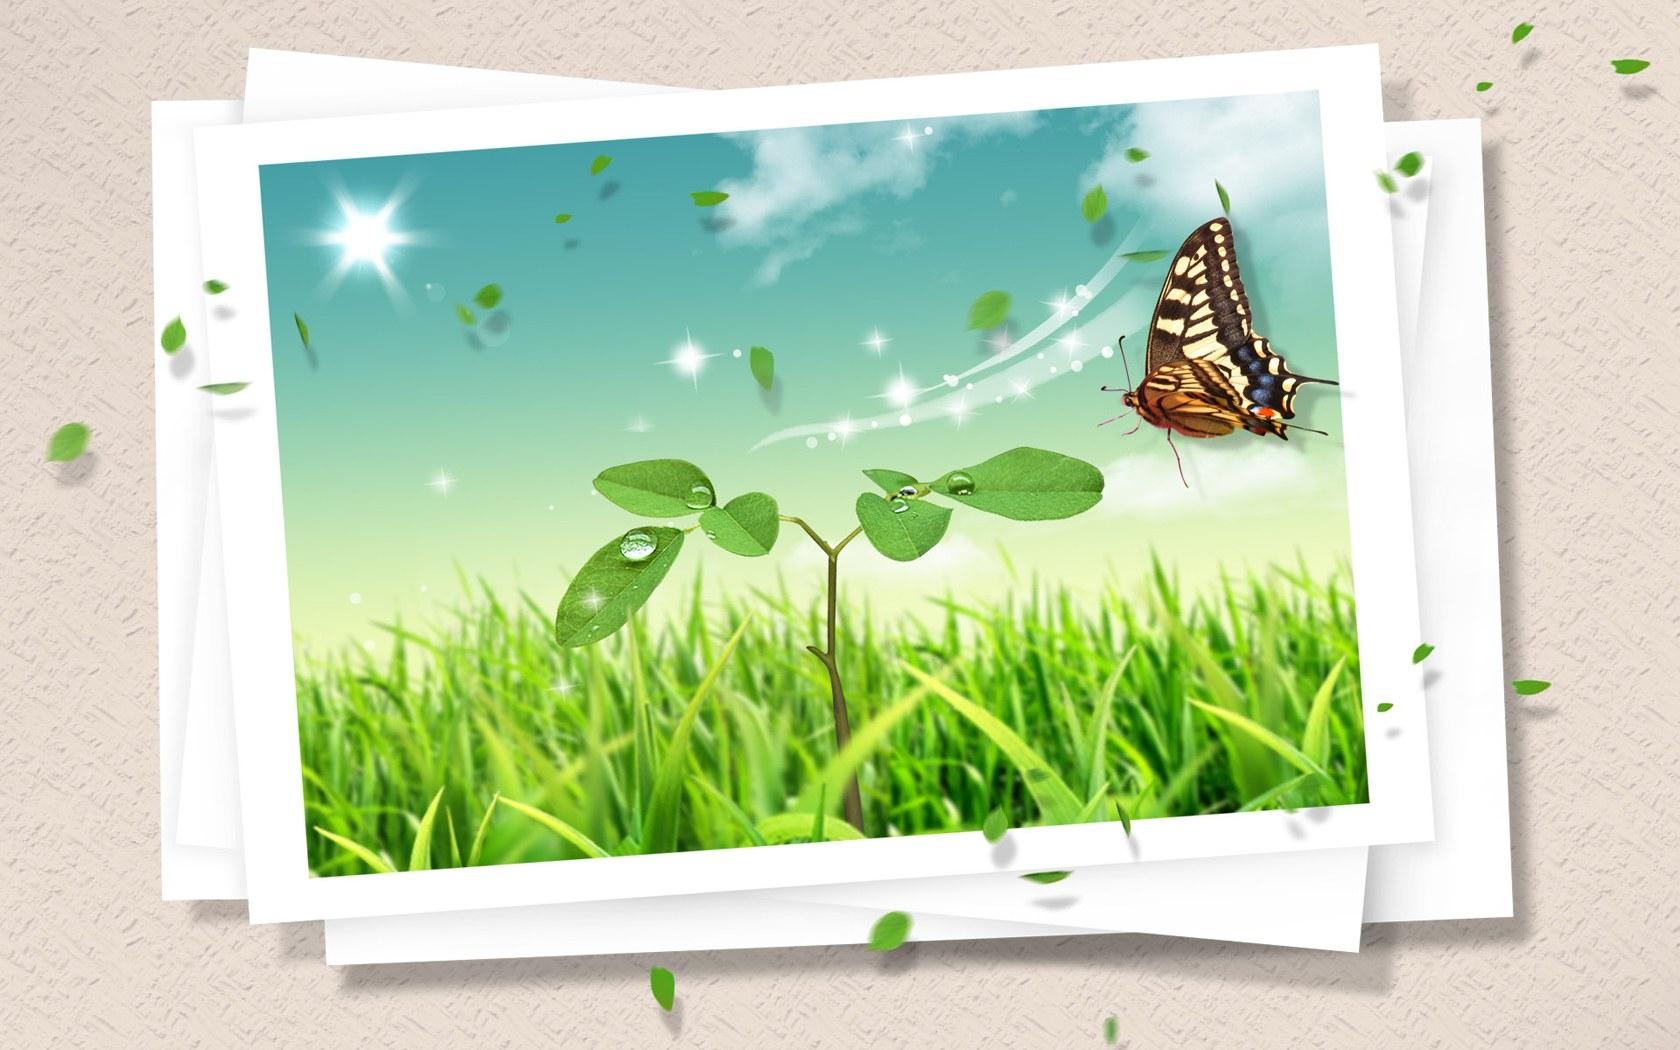 Hintergrundbilder : Illustration, Gras, Fotografie, Schmetterling ...